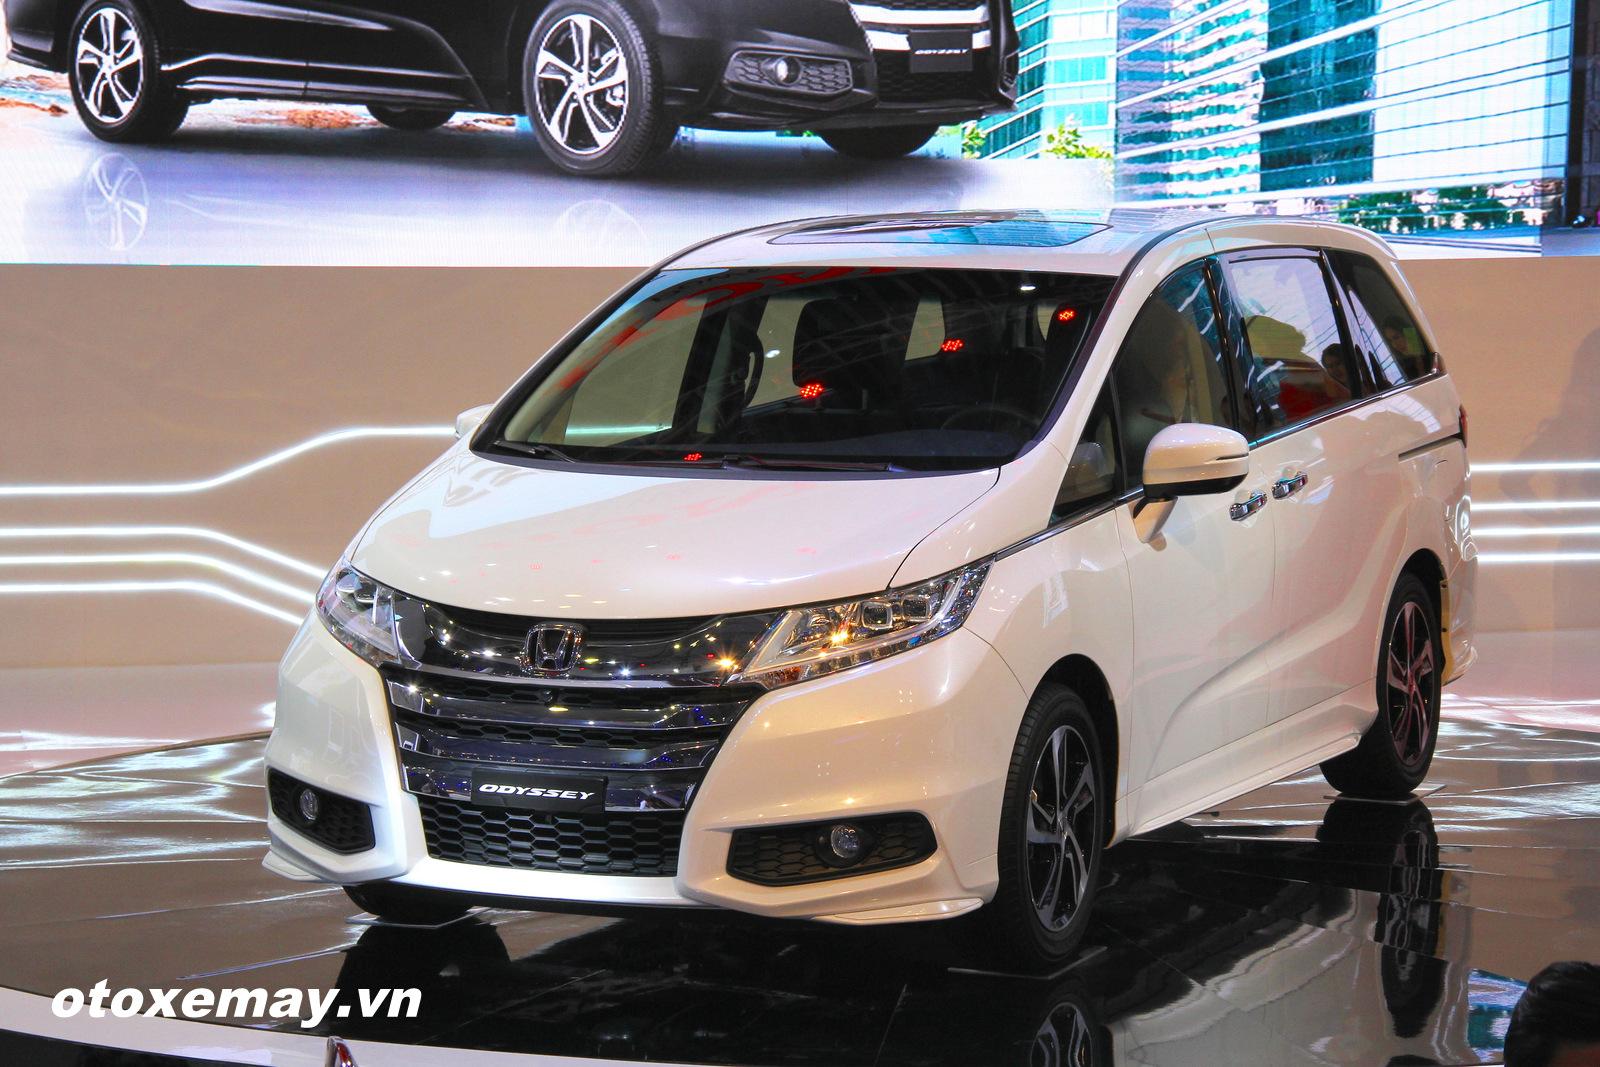 Xe Honda triển lãm ô tô việt nam 2015 (VMS 2015 ) ảnh 2